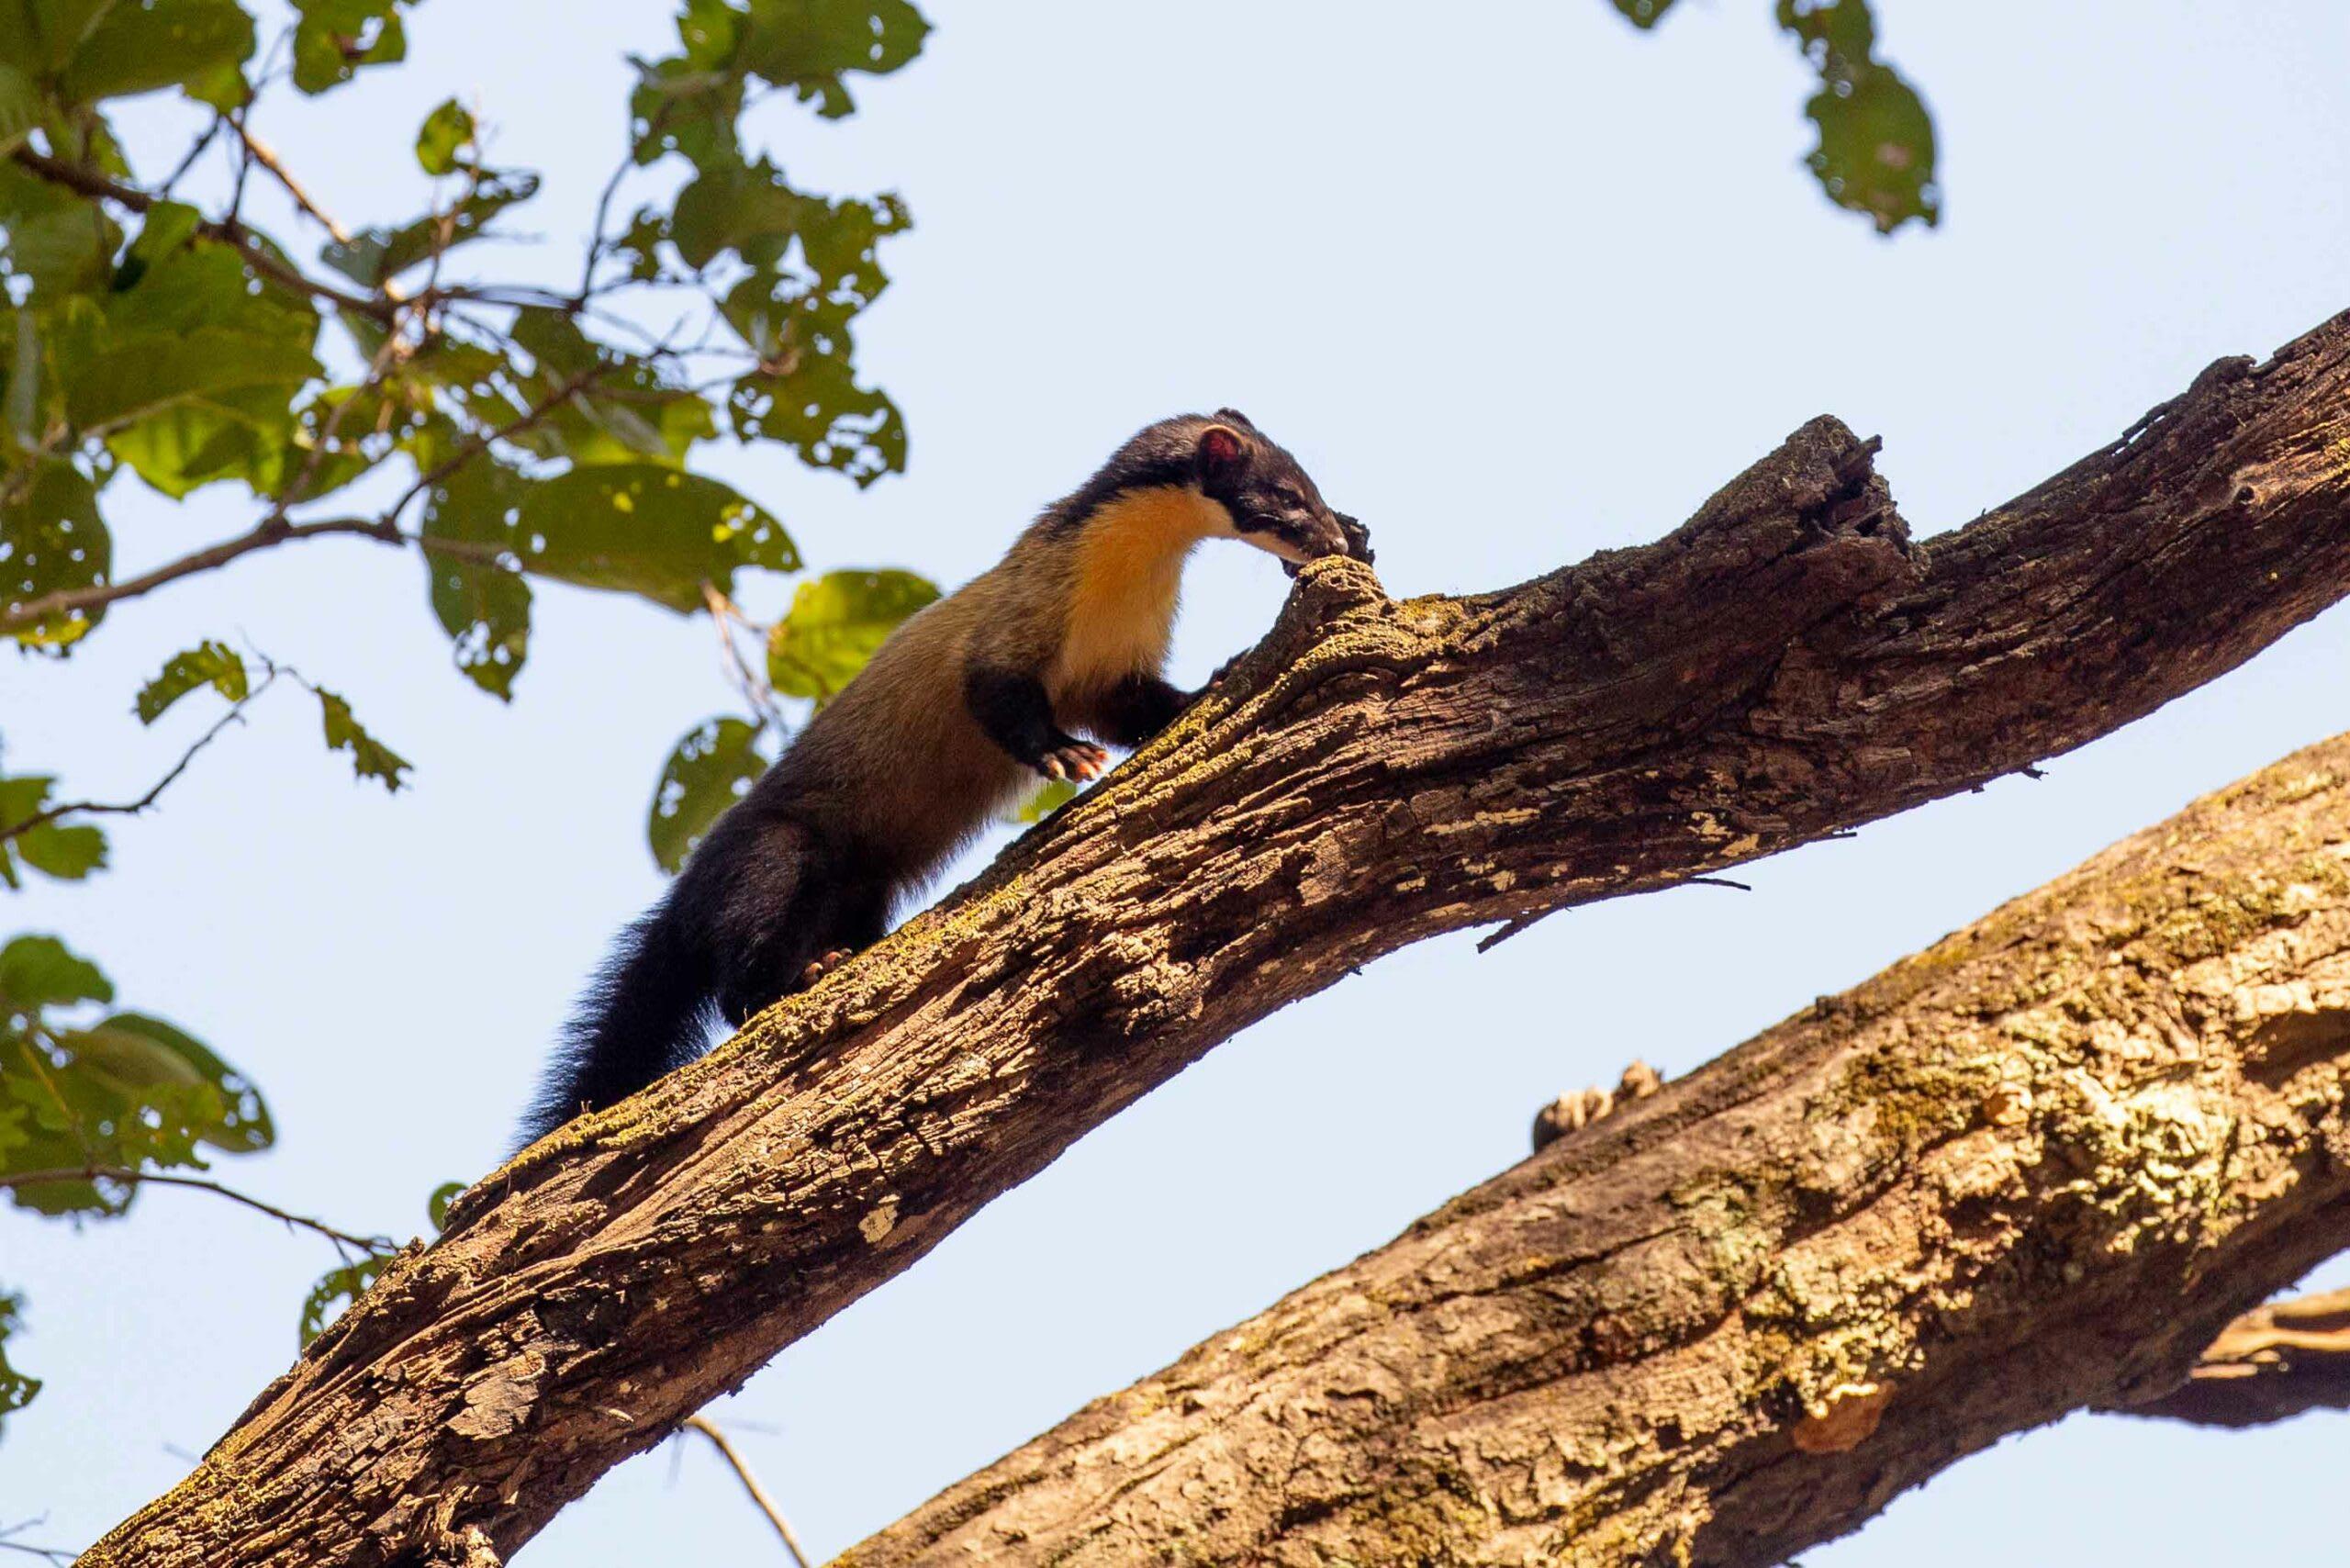 corbett-yellow-throated-marten-on-a-tree-raiding-bird-nest